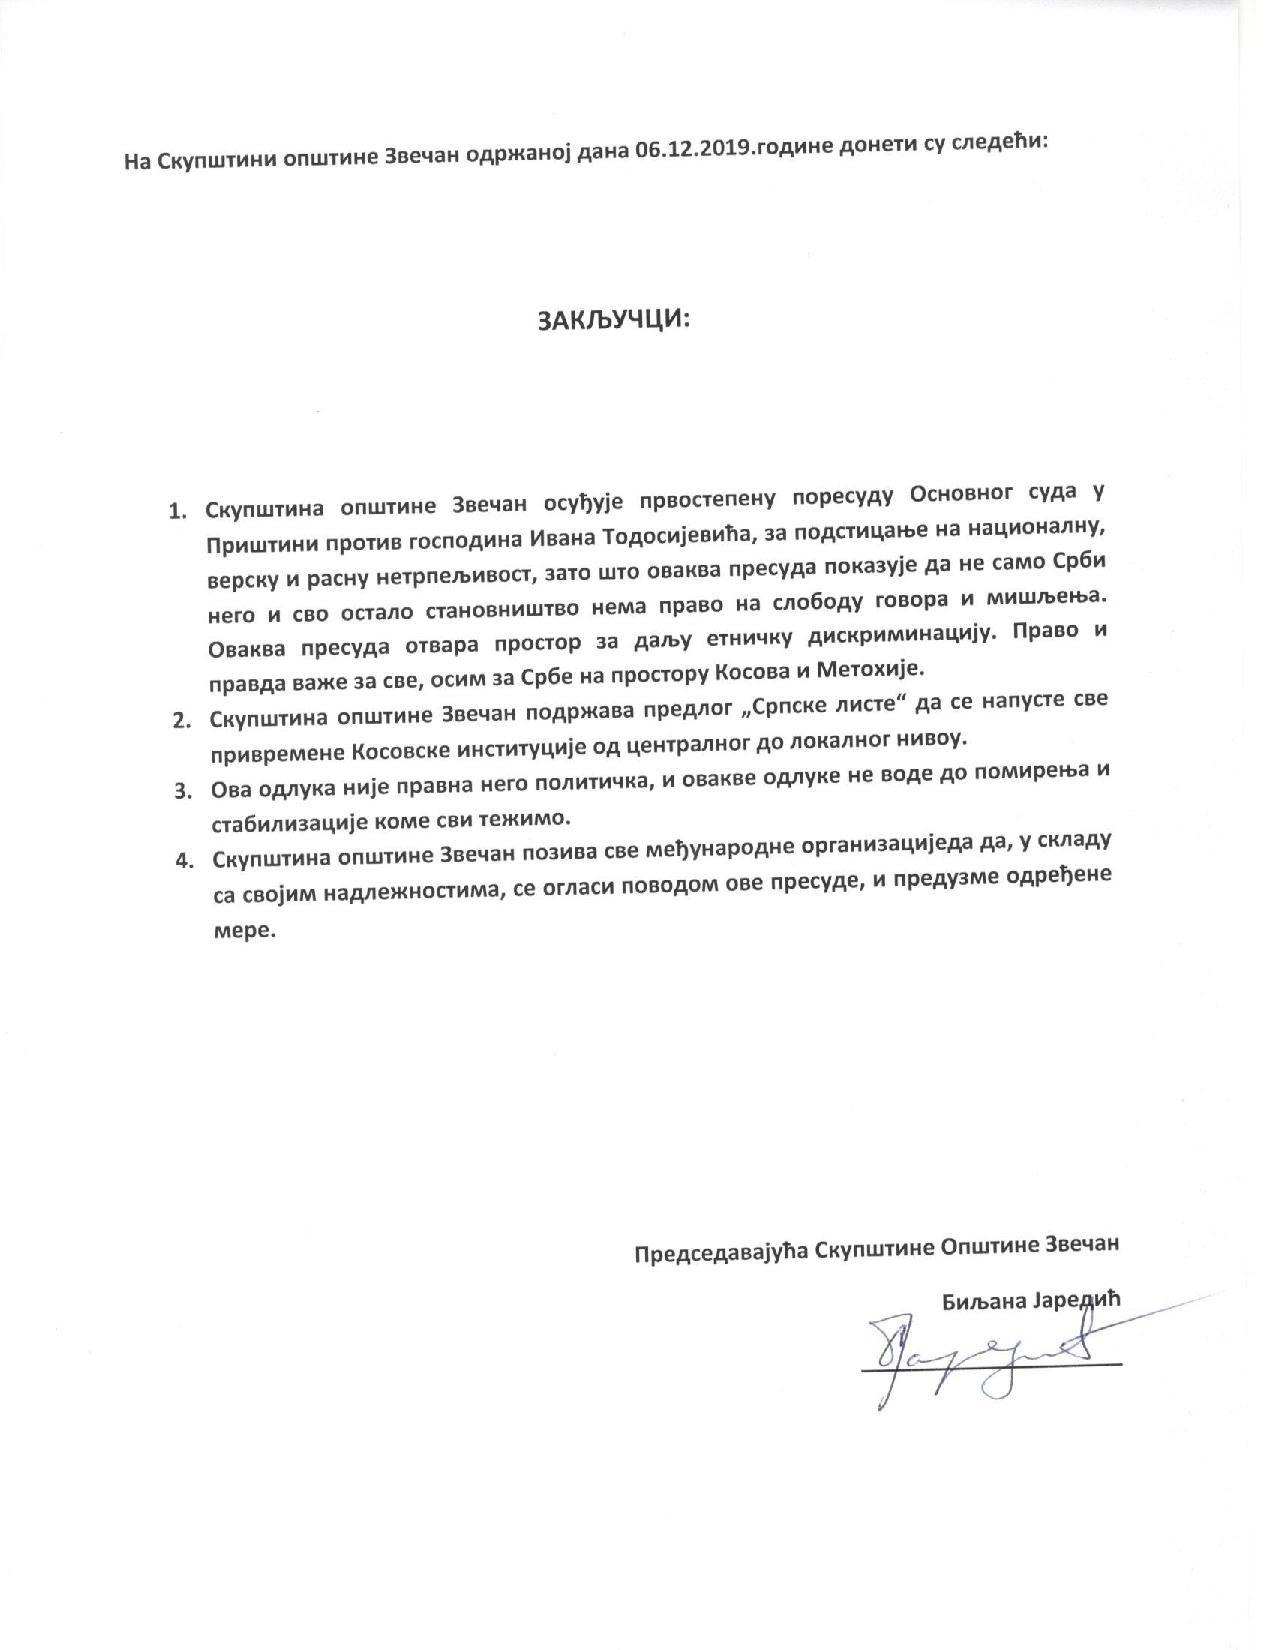 Zaključi opštine Zvečan